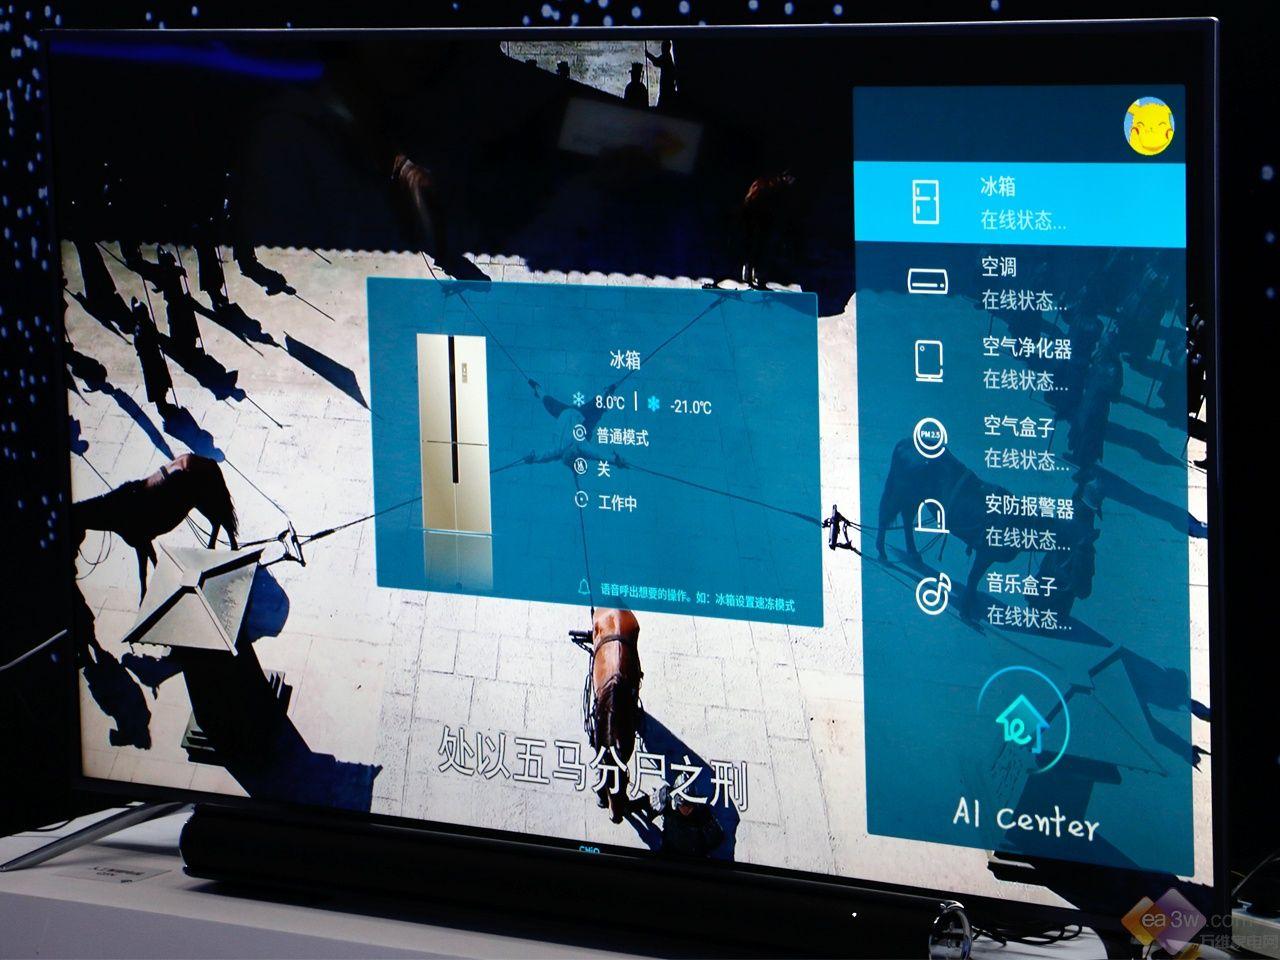 玩转智慧生活 长虹CHiQ电视55Q5N首测